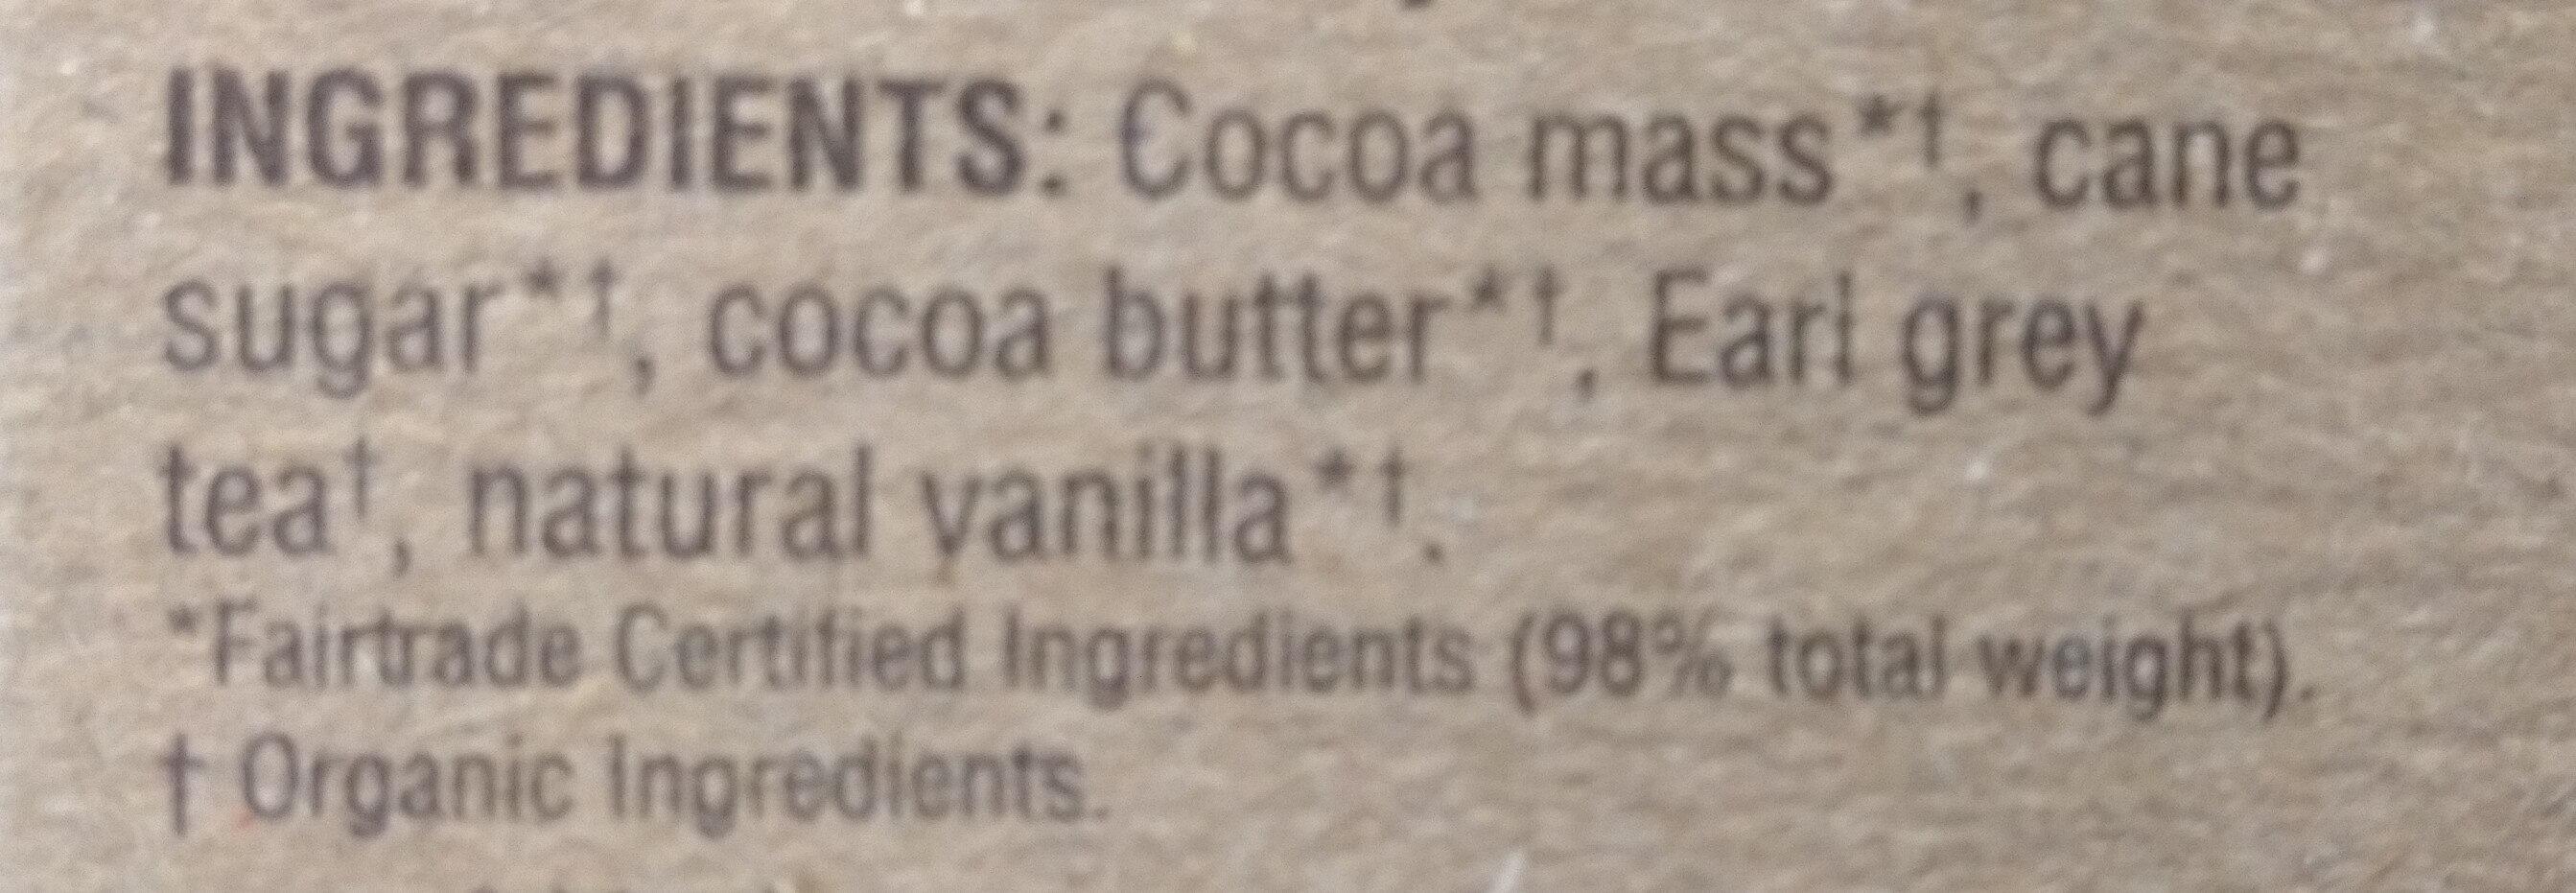 Earl grey - Ingredients - en